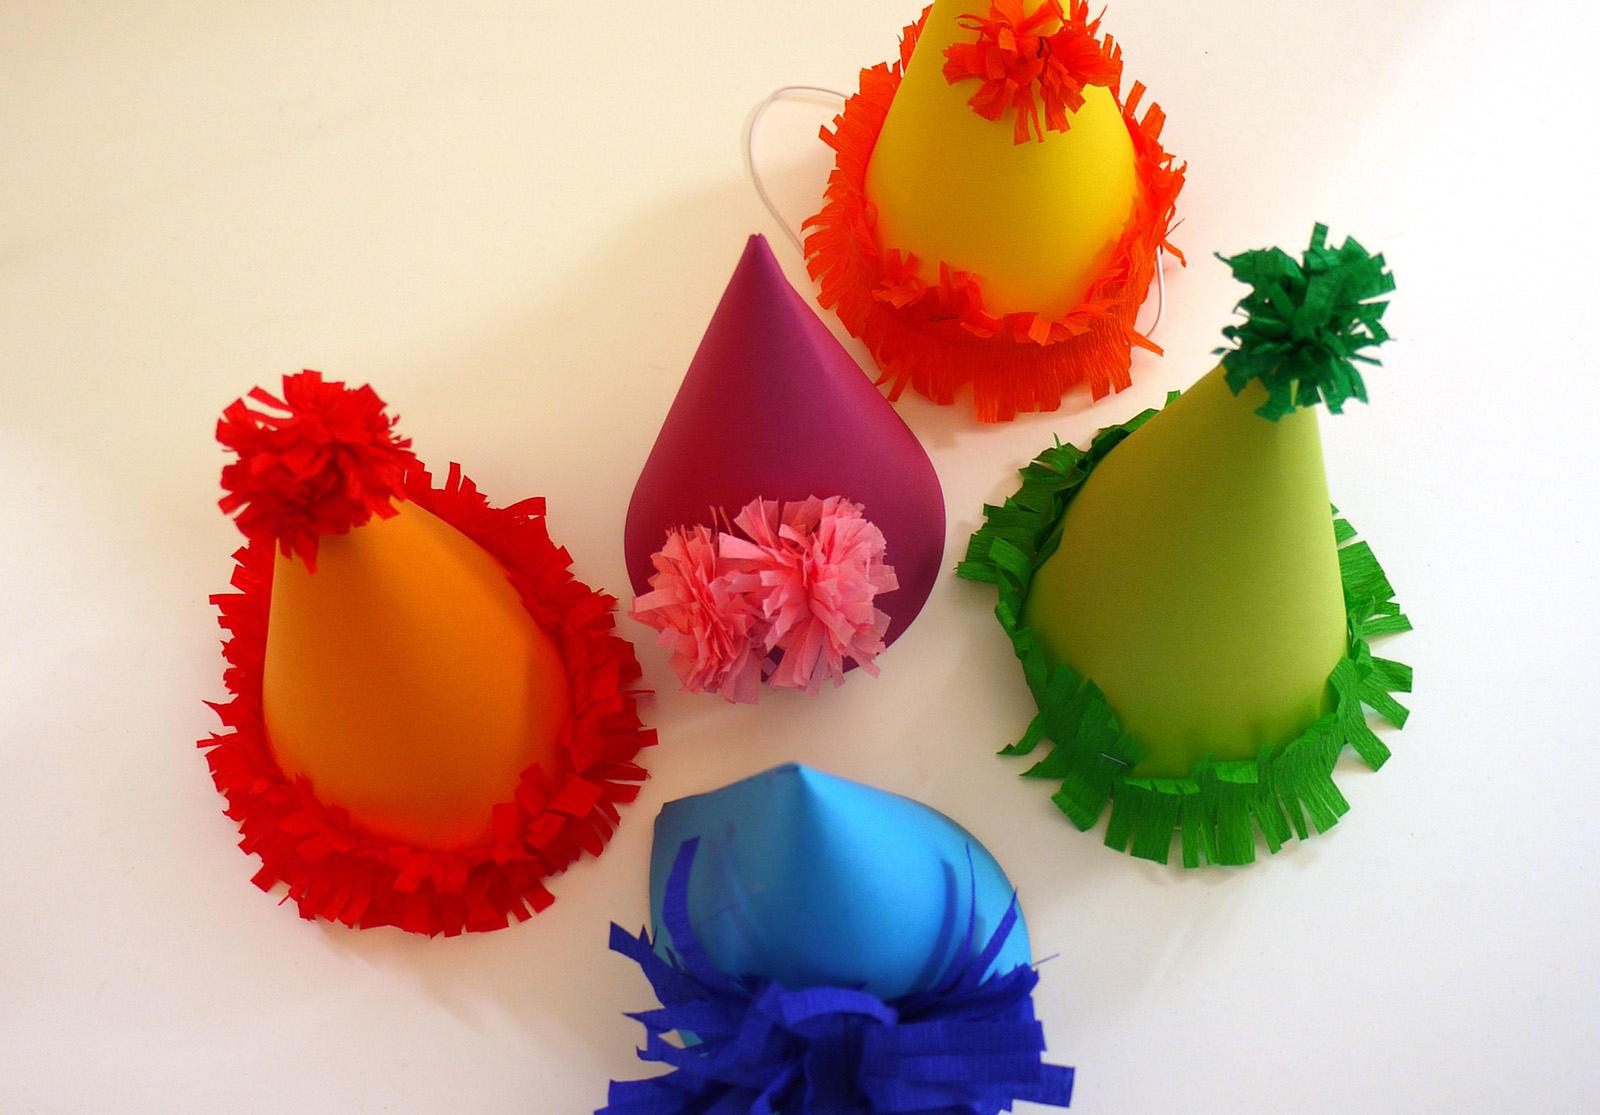 Activité Manuelle Avec Les Enfants : Le Chapeau De Carnaval tout Activité Manuelle 4 Ans